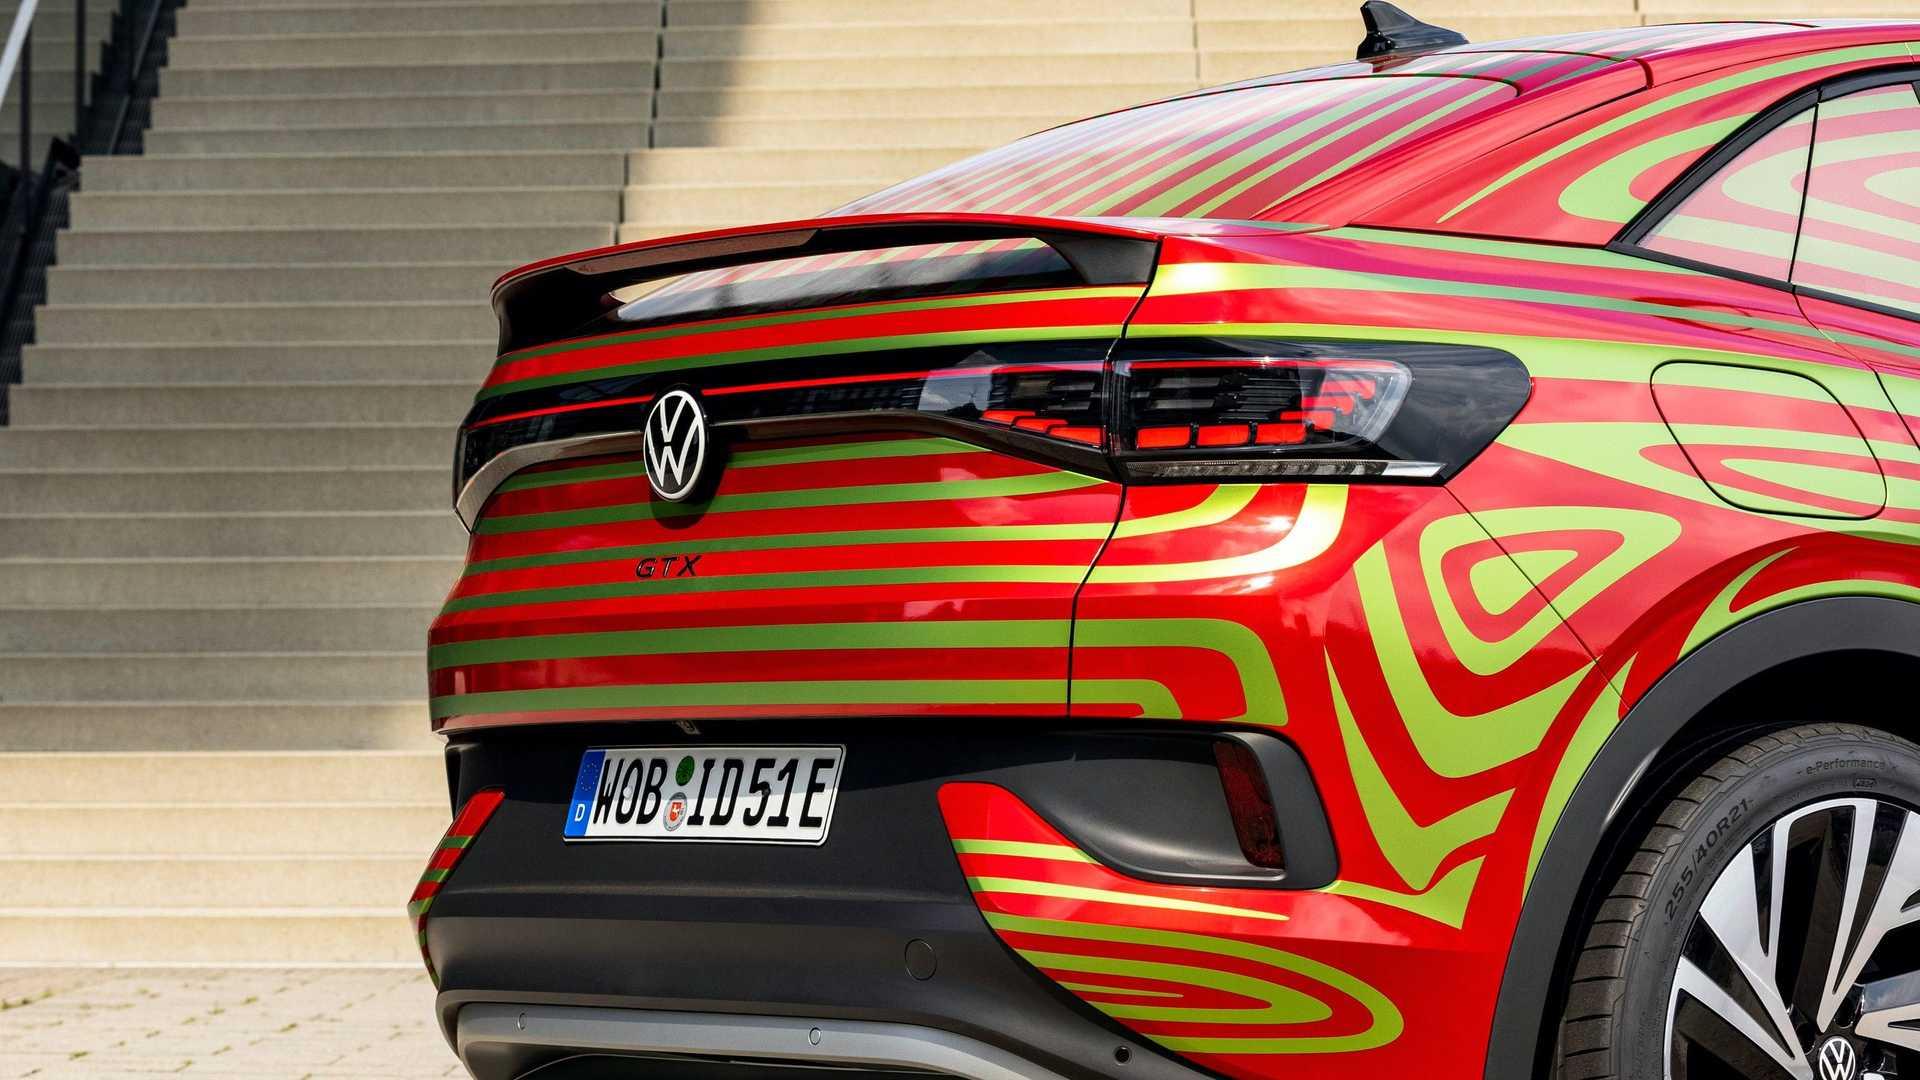 Volkswagen Id5 Gtx Back